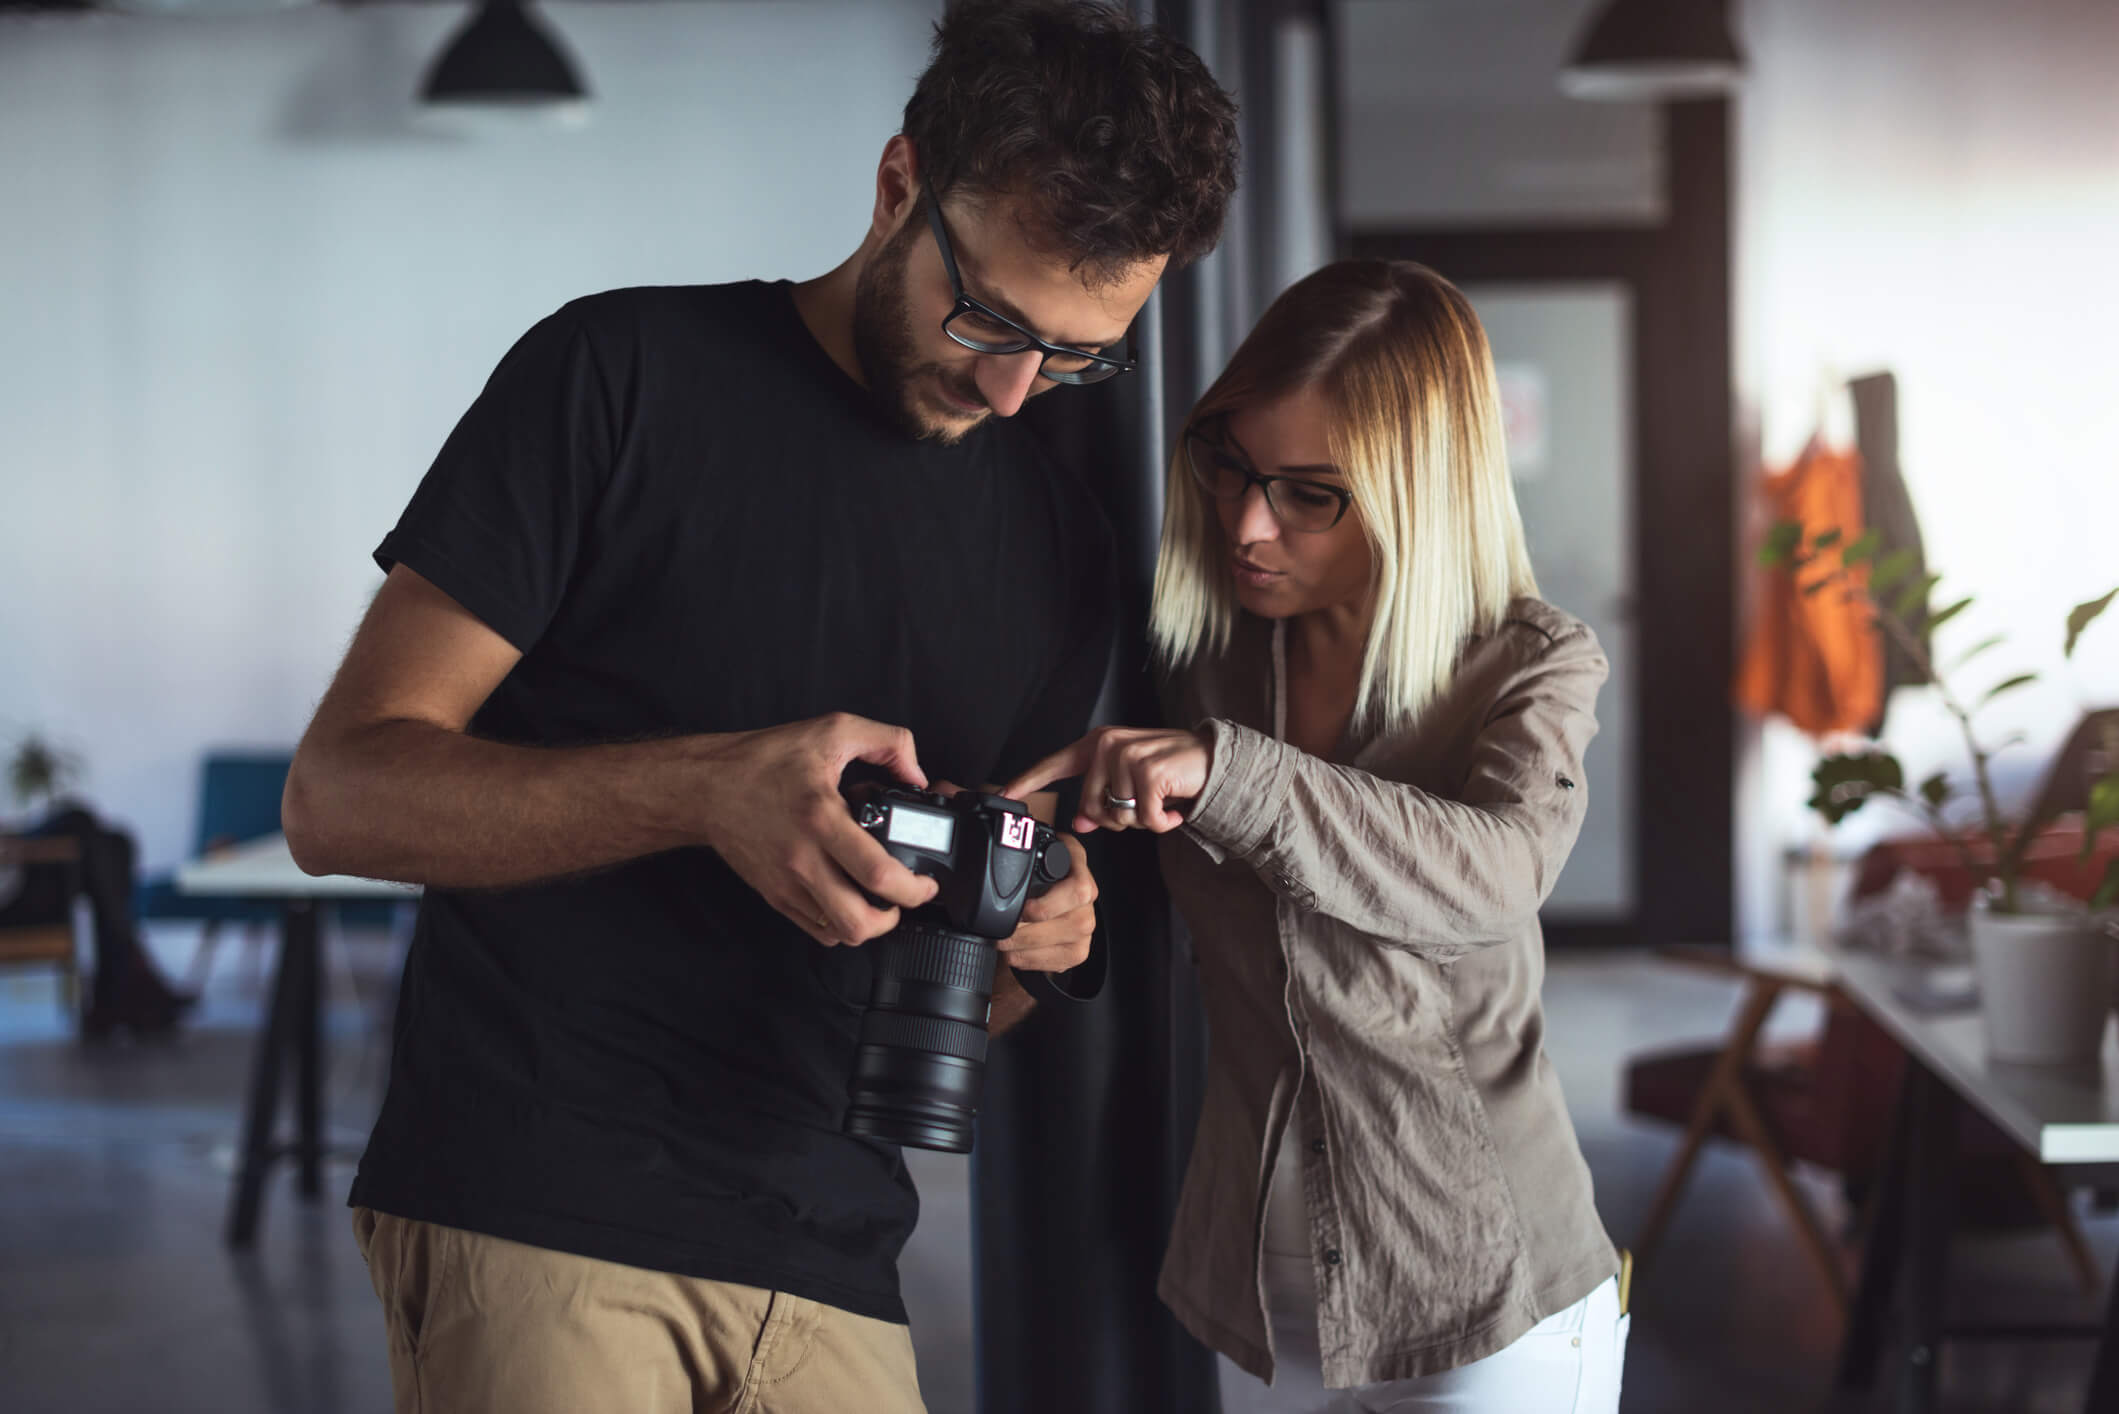 4 erros comuns cometidos por fotógrafos iniciantes e como evitá-los